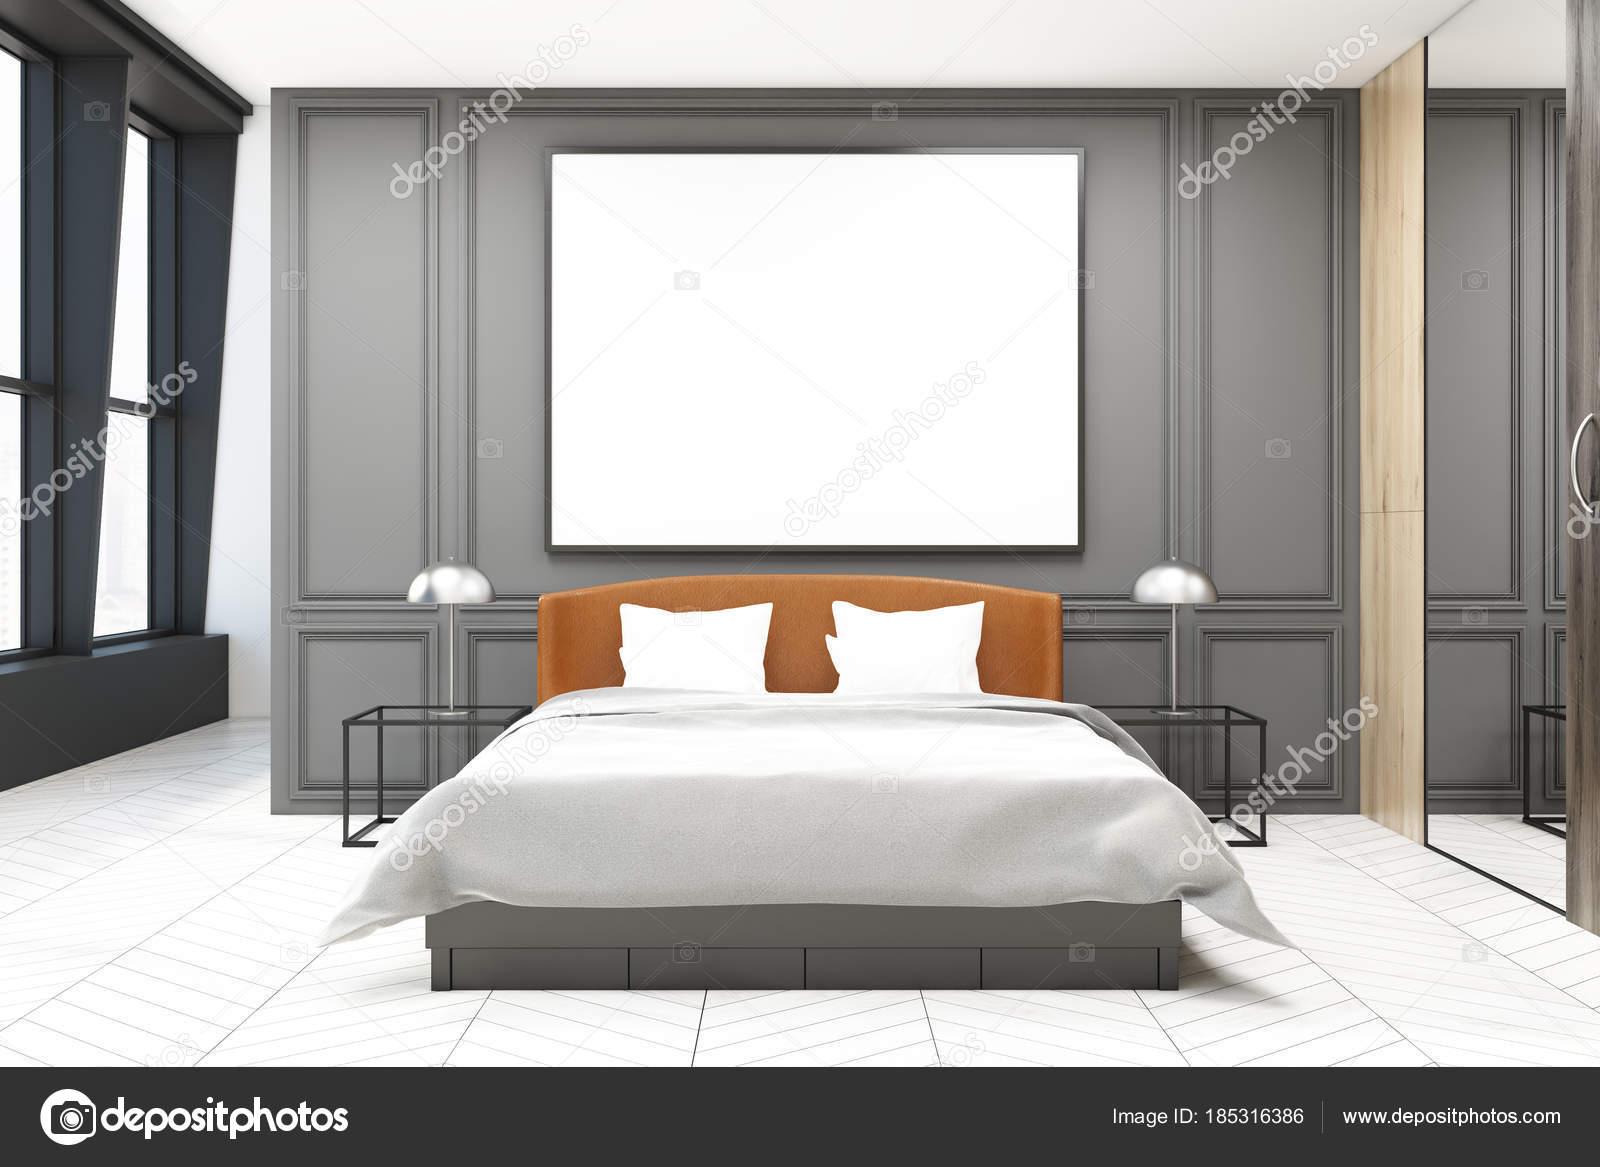 Slaapkamer Interieur Grijs : Stijlvolle slaapkamer interieur grijs u stockfoto